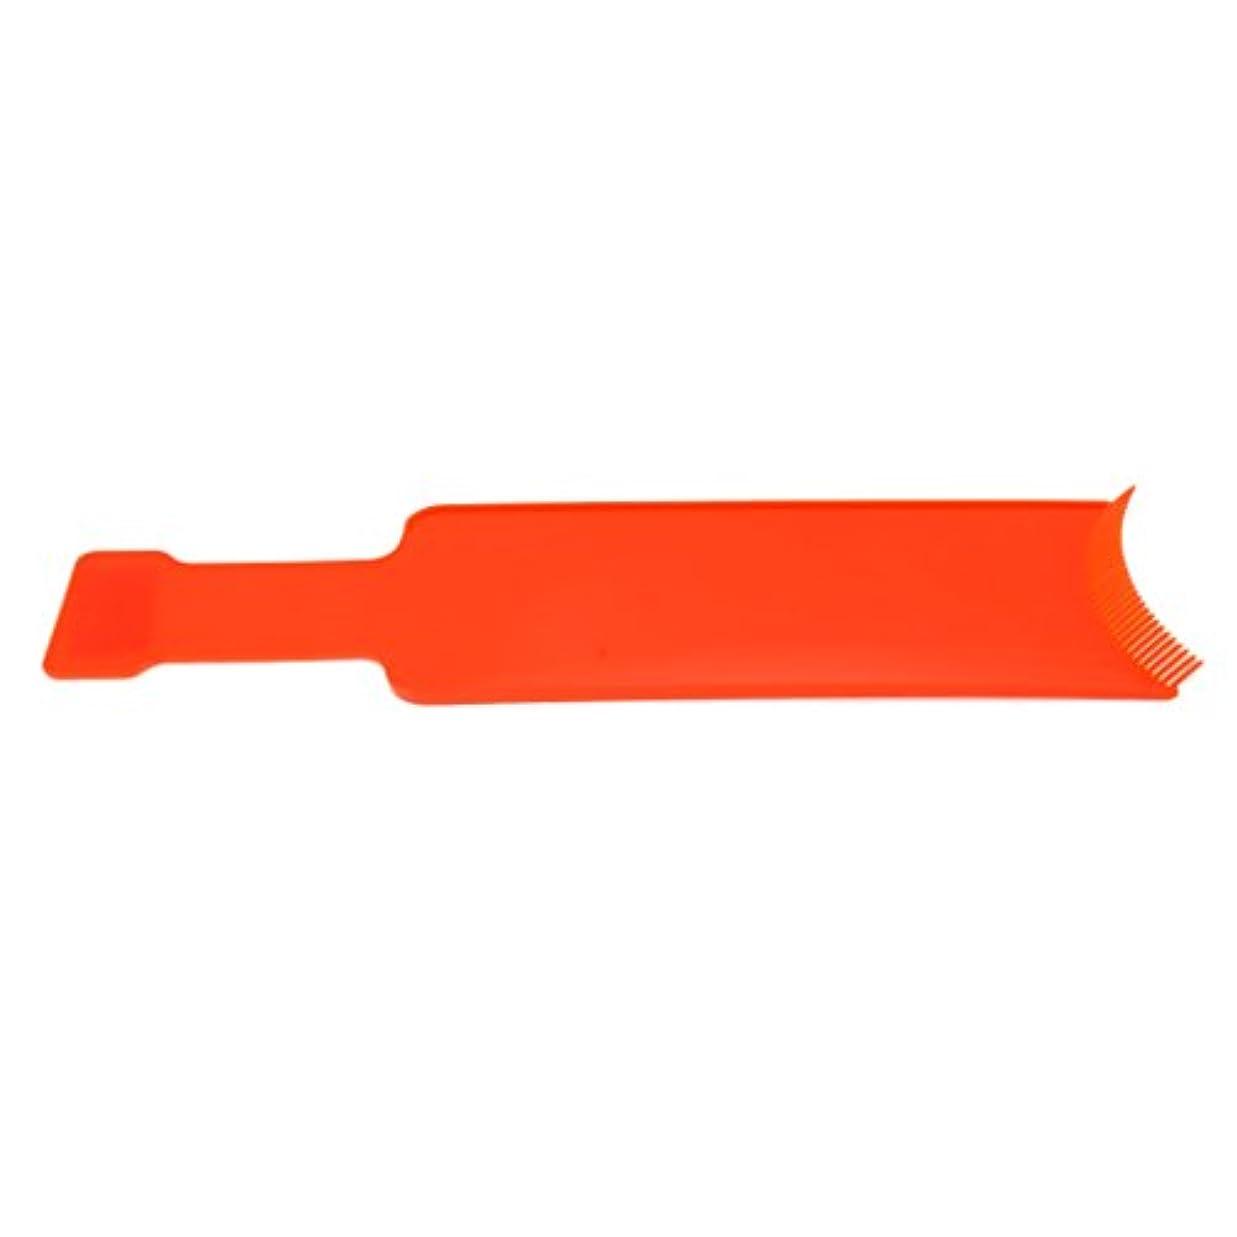 コントローラ洗練件名Toygogo ヘアコーム ヘアブラシ 櫛 染めボード 染色櫛 プレート 着色ボード ヘアサロン 家庭 適用 全2サイズ2色 - オレンジ, L